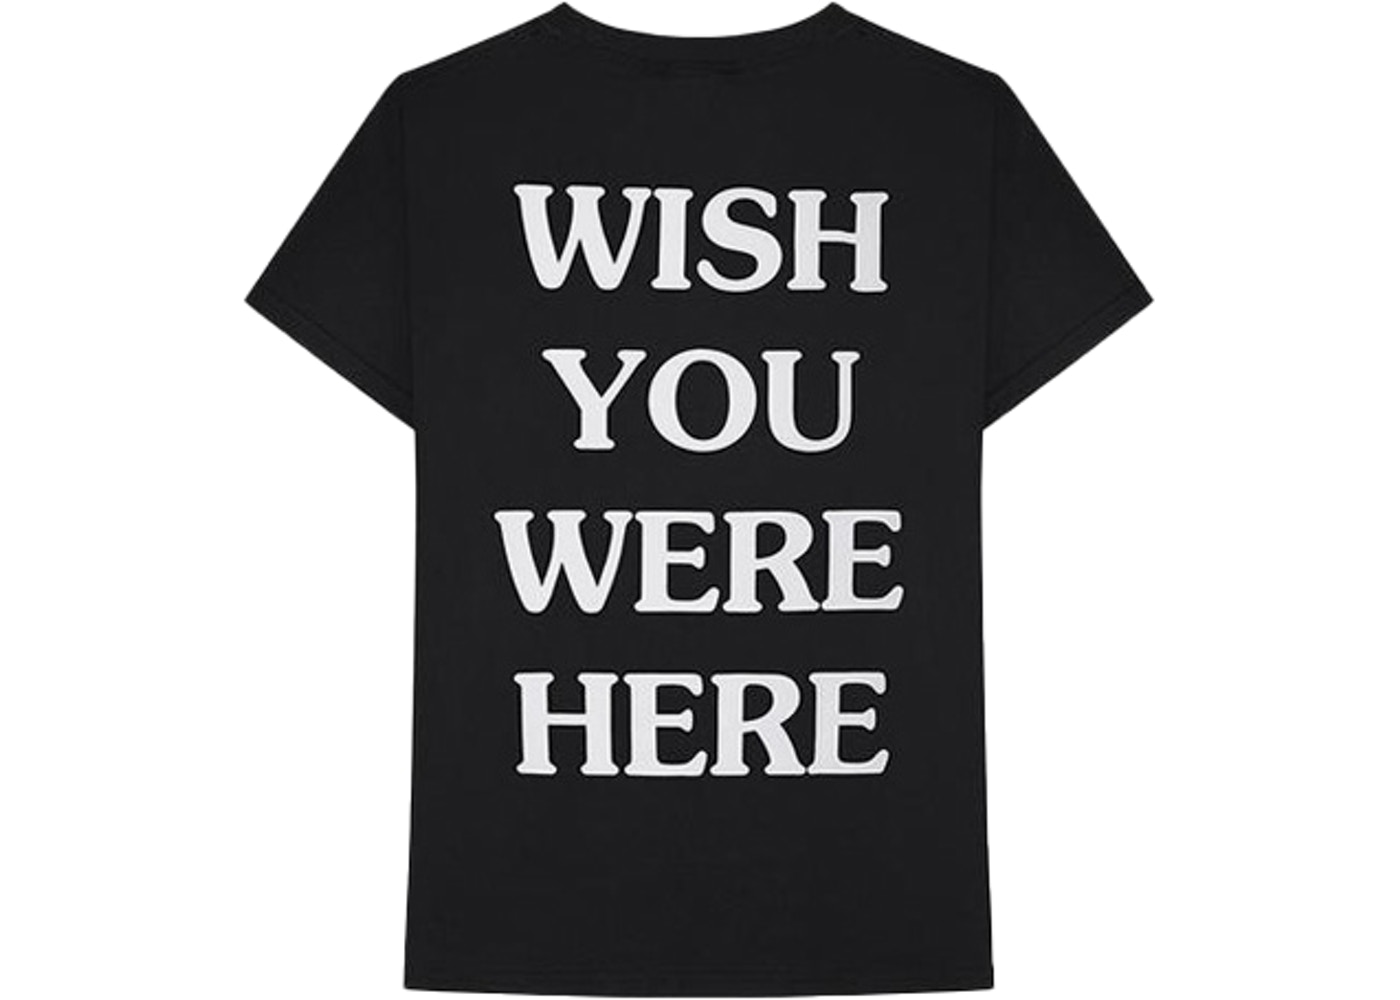 8002765ffce6 Travis Scott Astroworld Wish You Were Here Tee Black - FW18